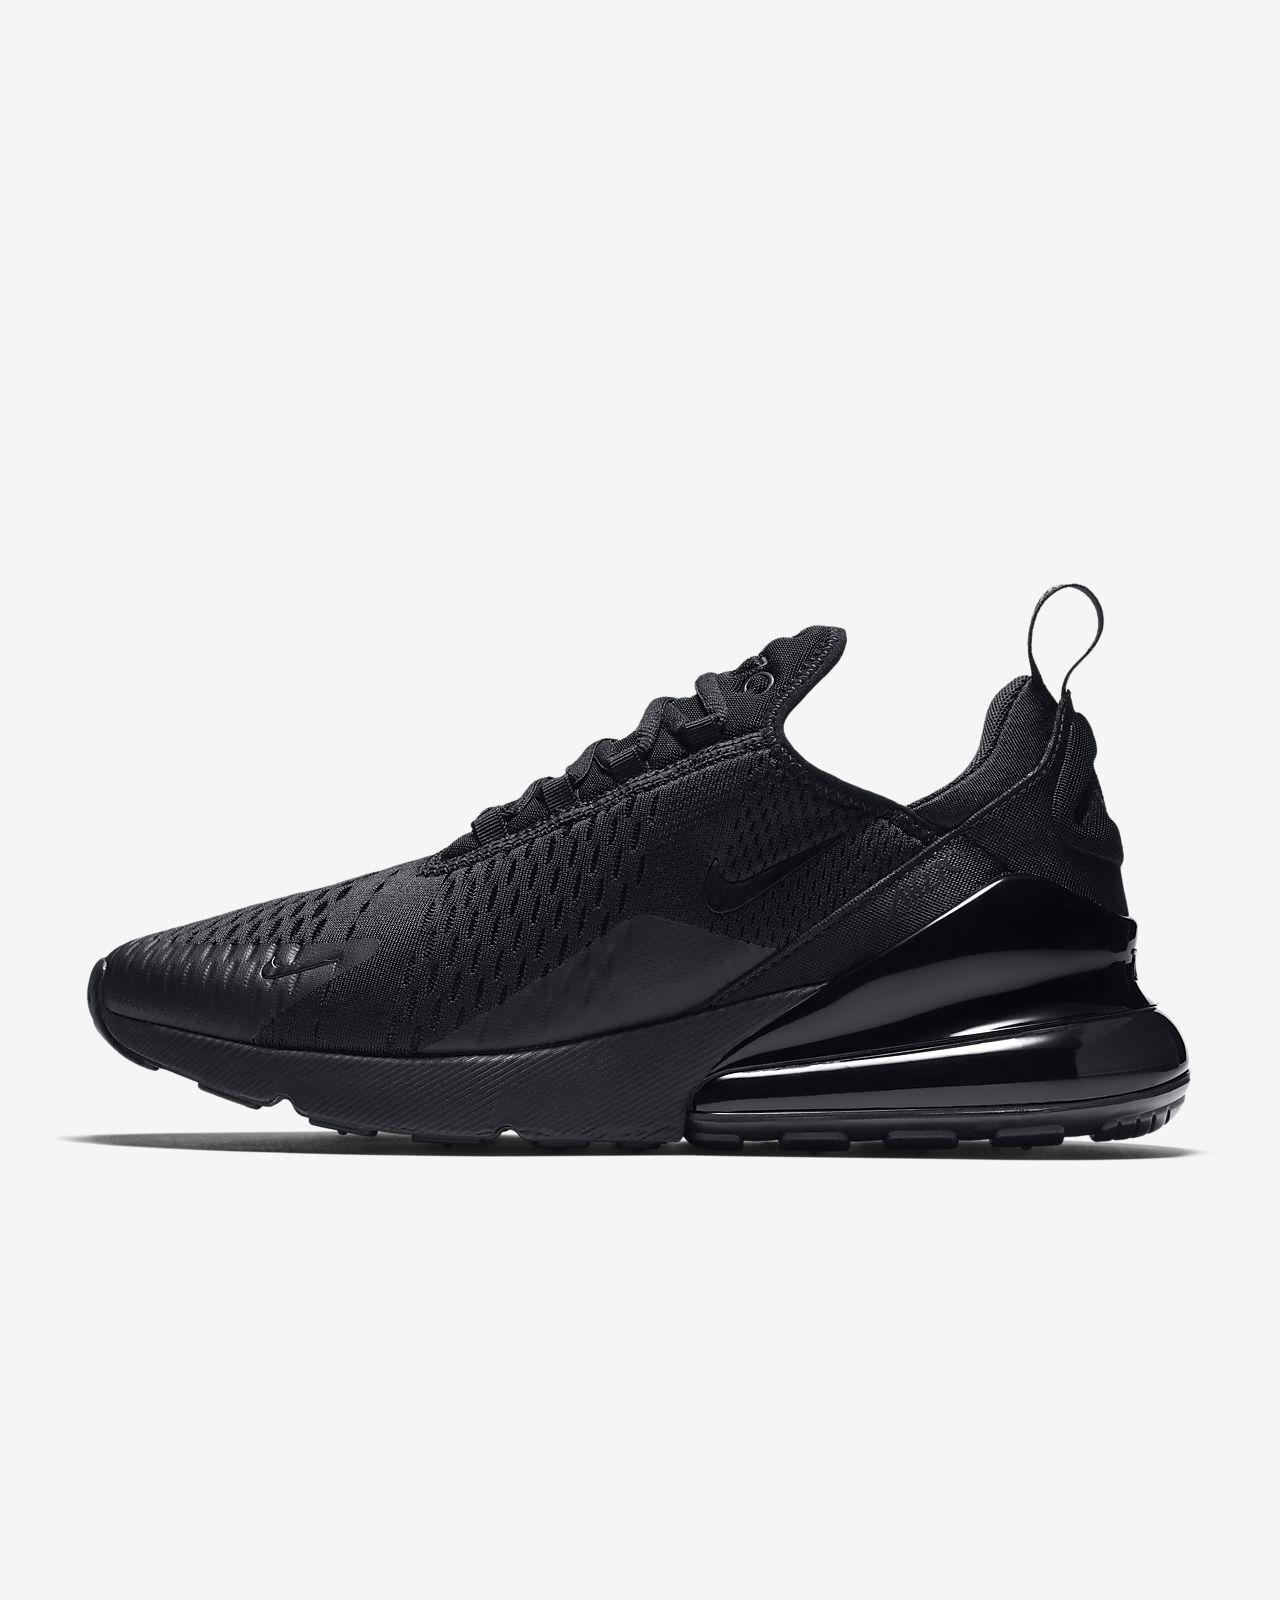 low priced 61195 53761 ... Buty męskie Nike Air Max 270